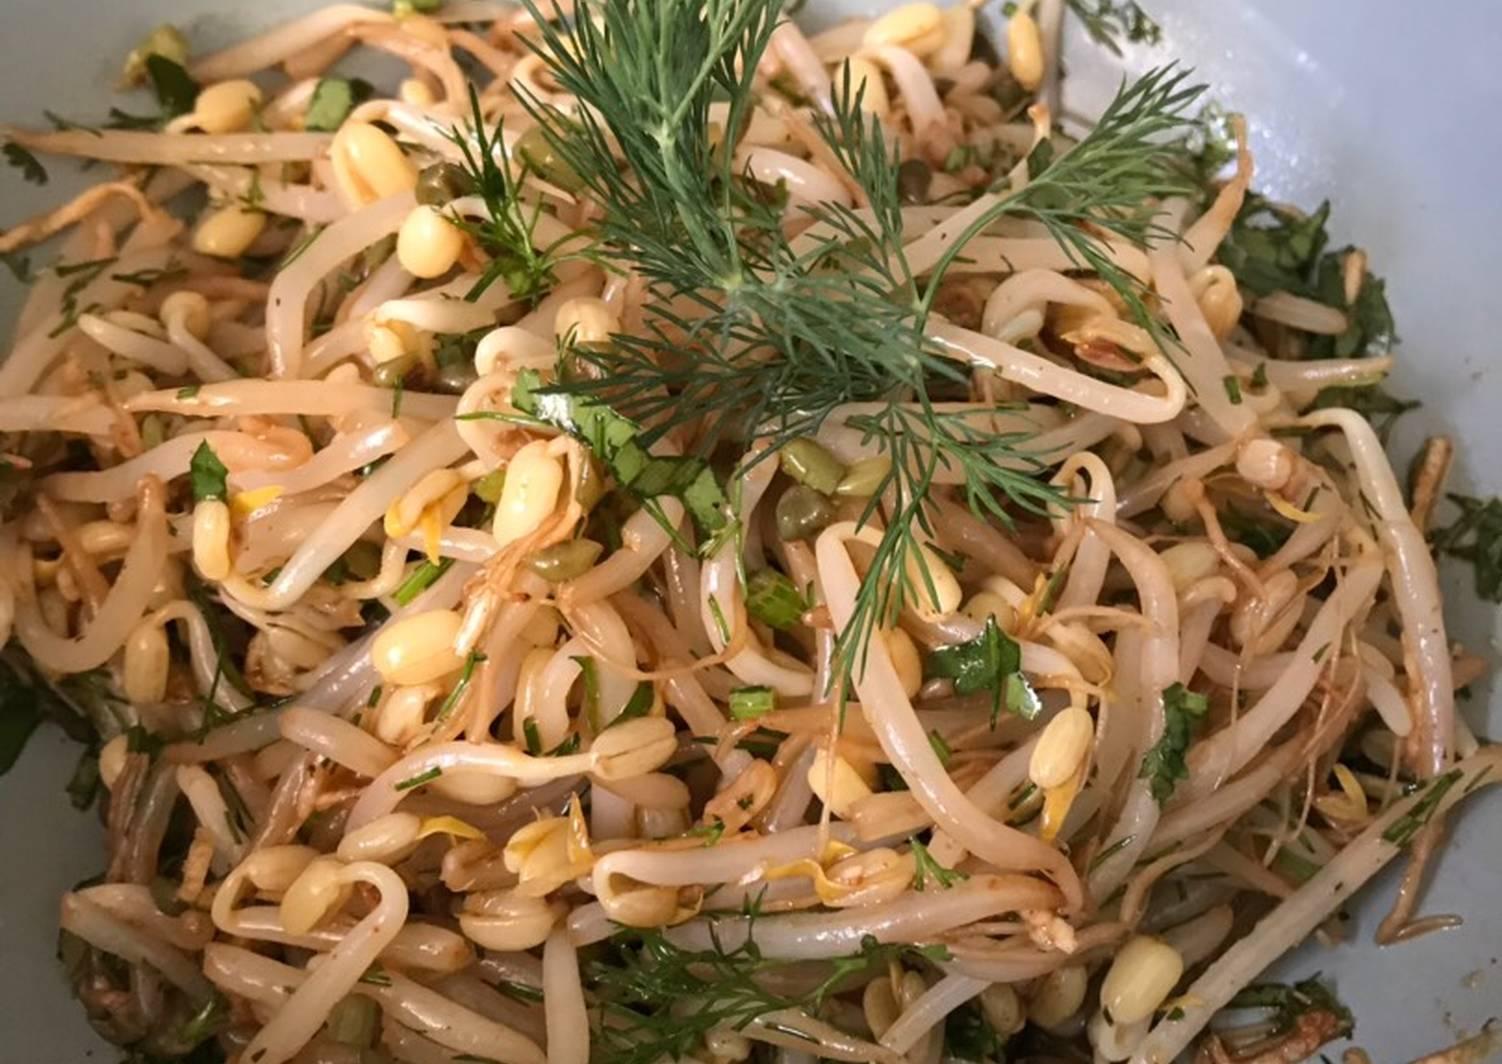 авто нами, салат из проросшей пшеницы рецепт с фото сегодня